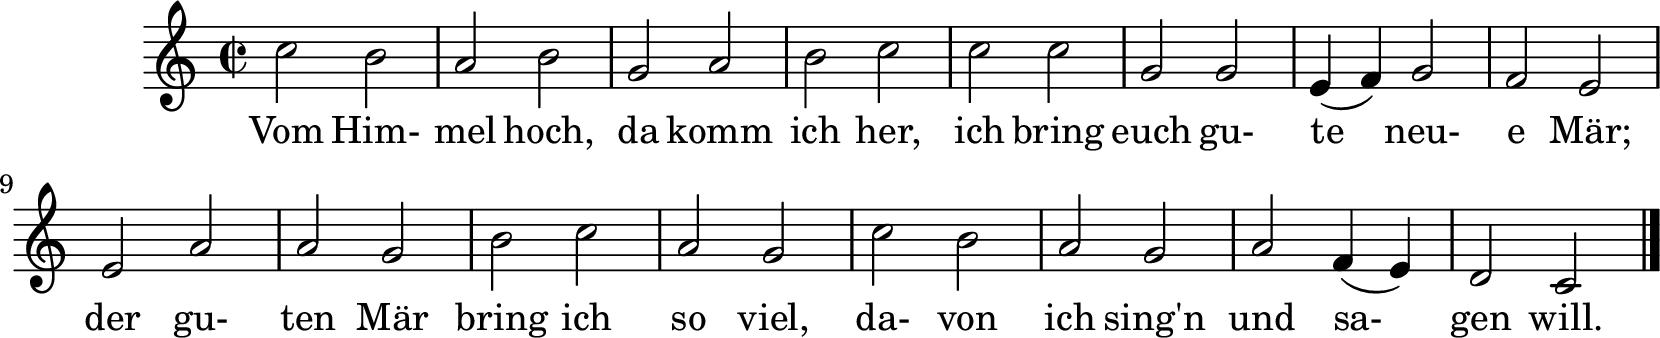 Notenblatt Music Sheet Vom Himmel hoch